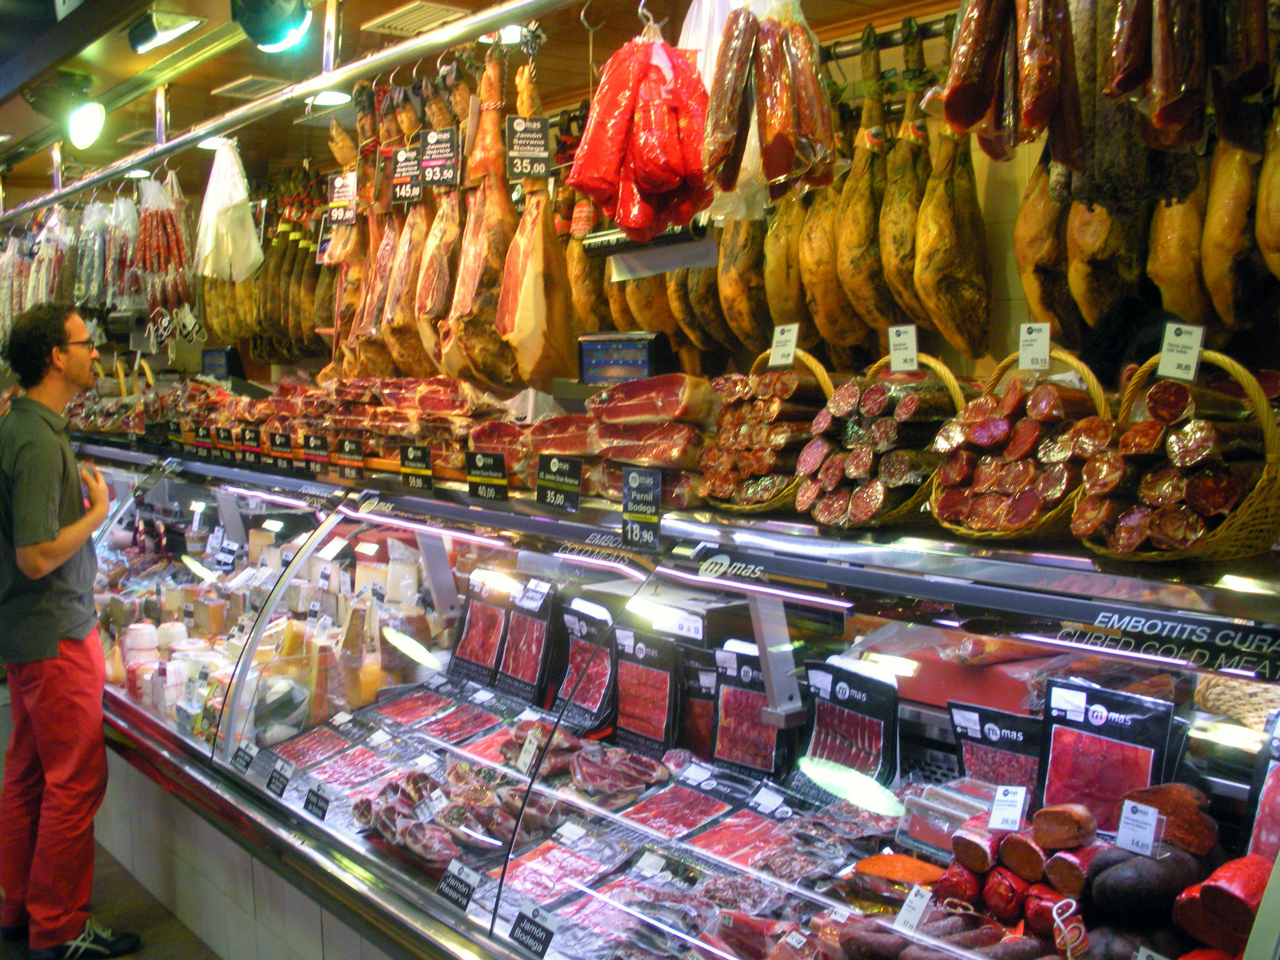 Mercado de La Boqueria, Barcelona, Spain